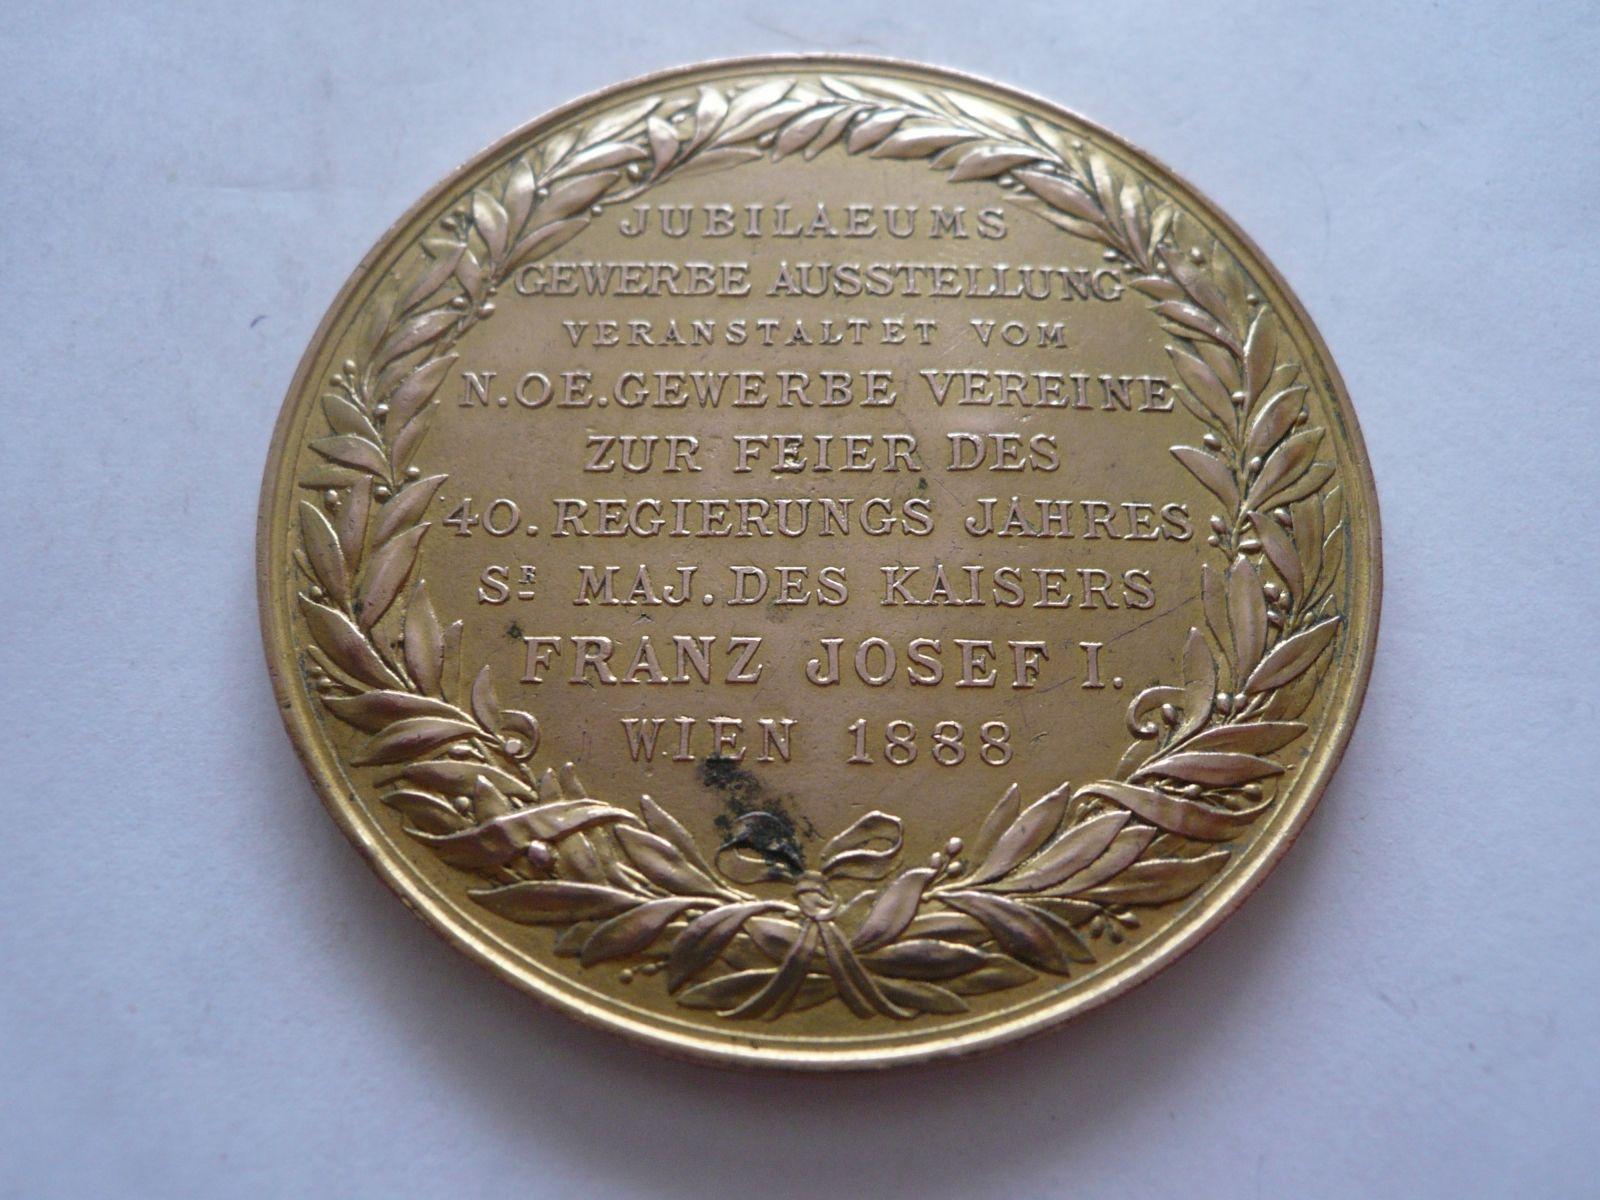 jubilejní výstava Vídeň 1888 - jednostranný odlitek medaile, Rakousko-Uhersko